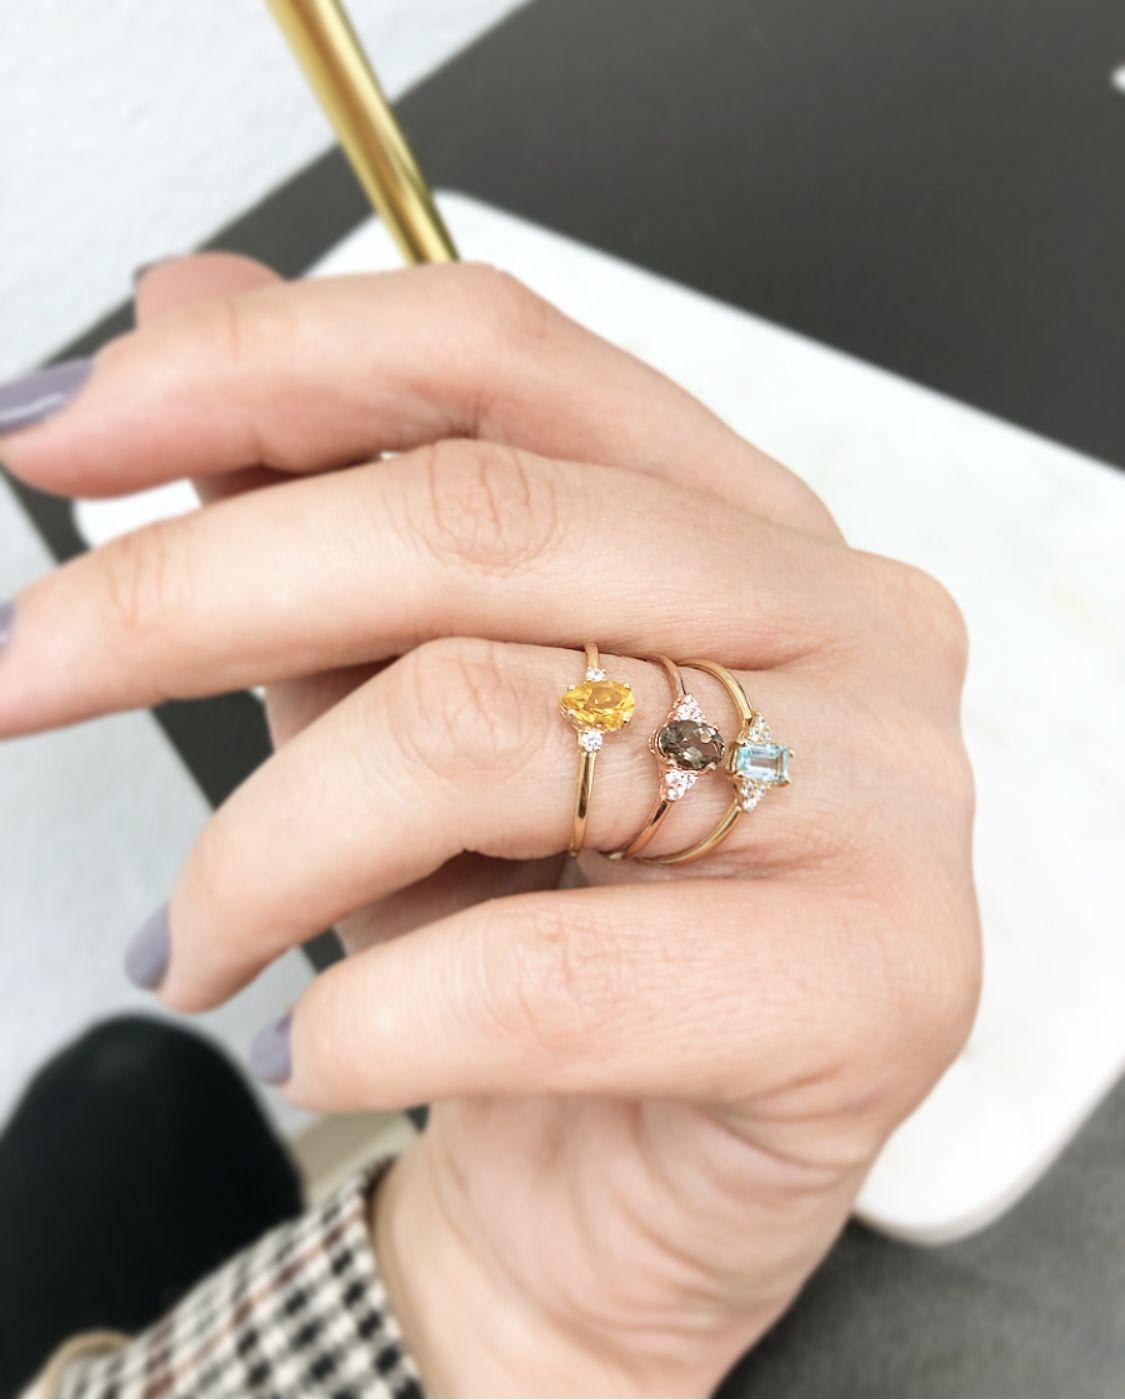 Anillo Oro 18kts Con Piedras Semipreciosas Y Diamantes Anillos De Oro Diamantes Anillo